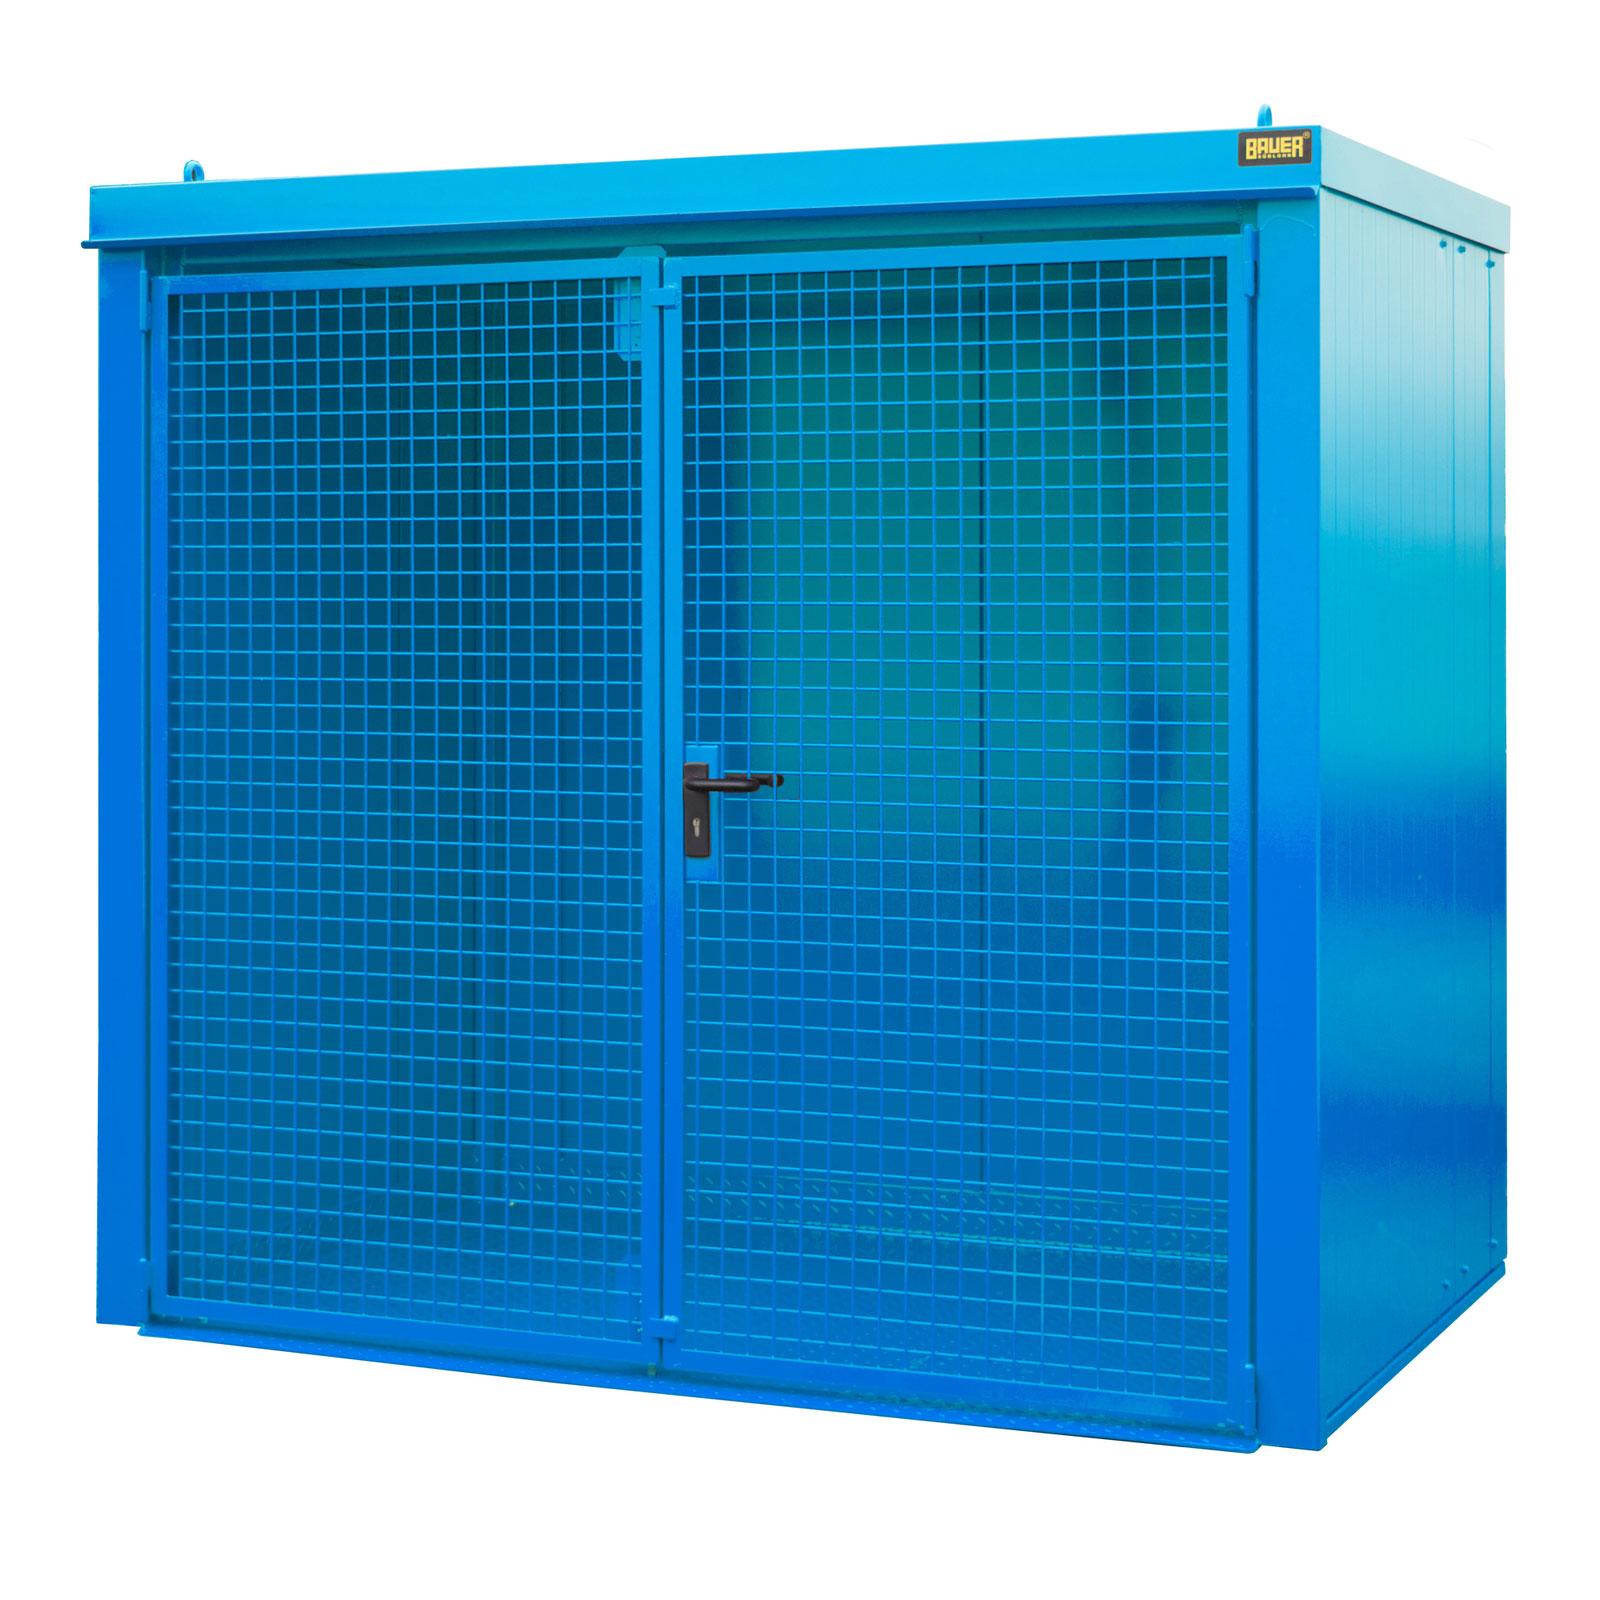 Bauer Gasflaschen-Container GFC-B M3, Lichtblau für 45x Gasflaschen Ø 230 mm 4477-33-0000-3